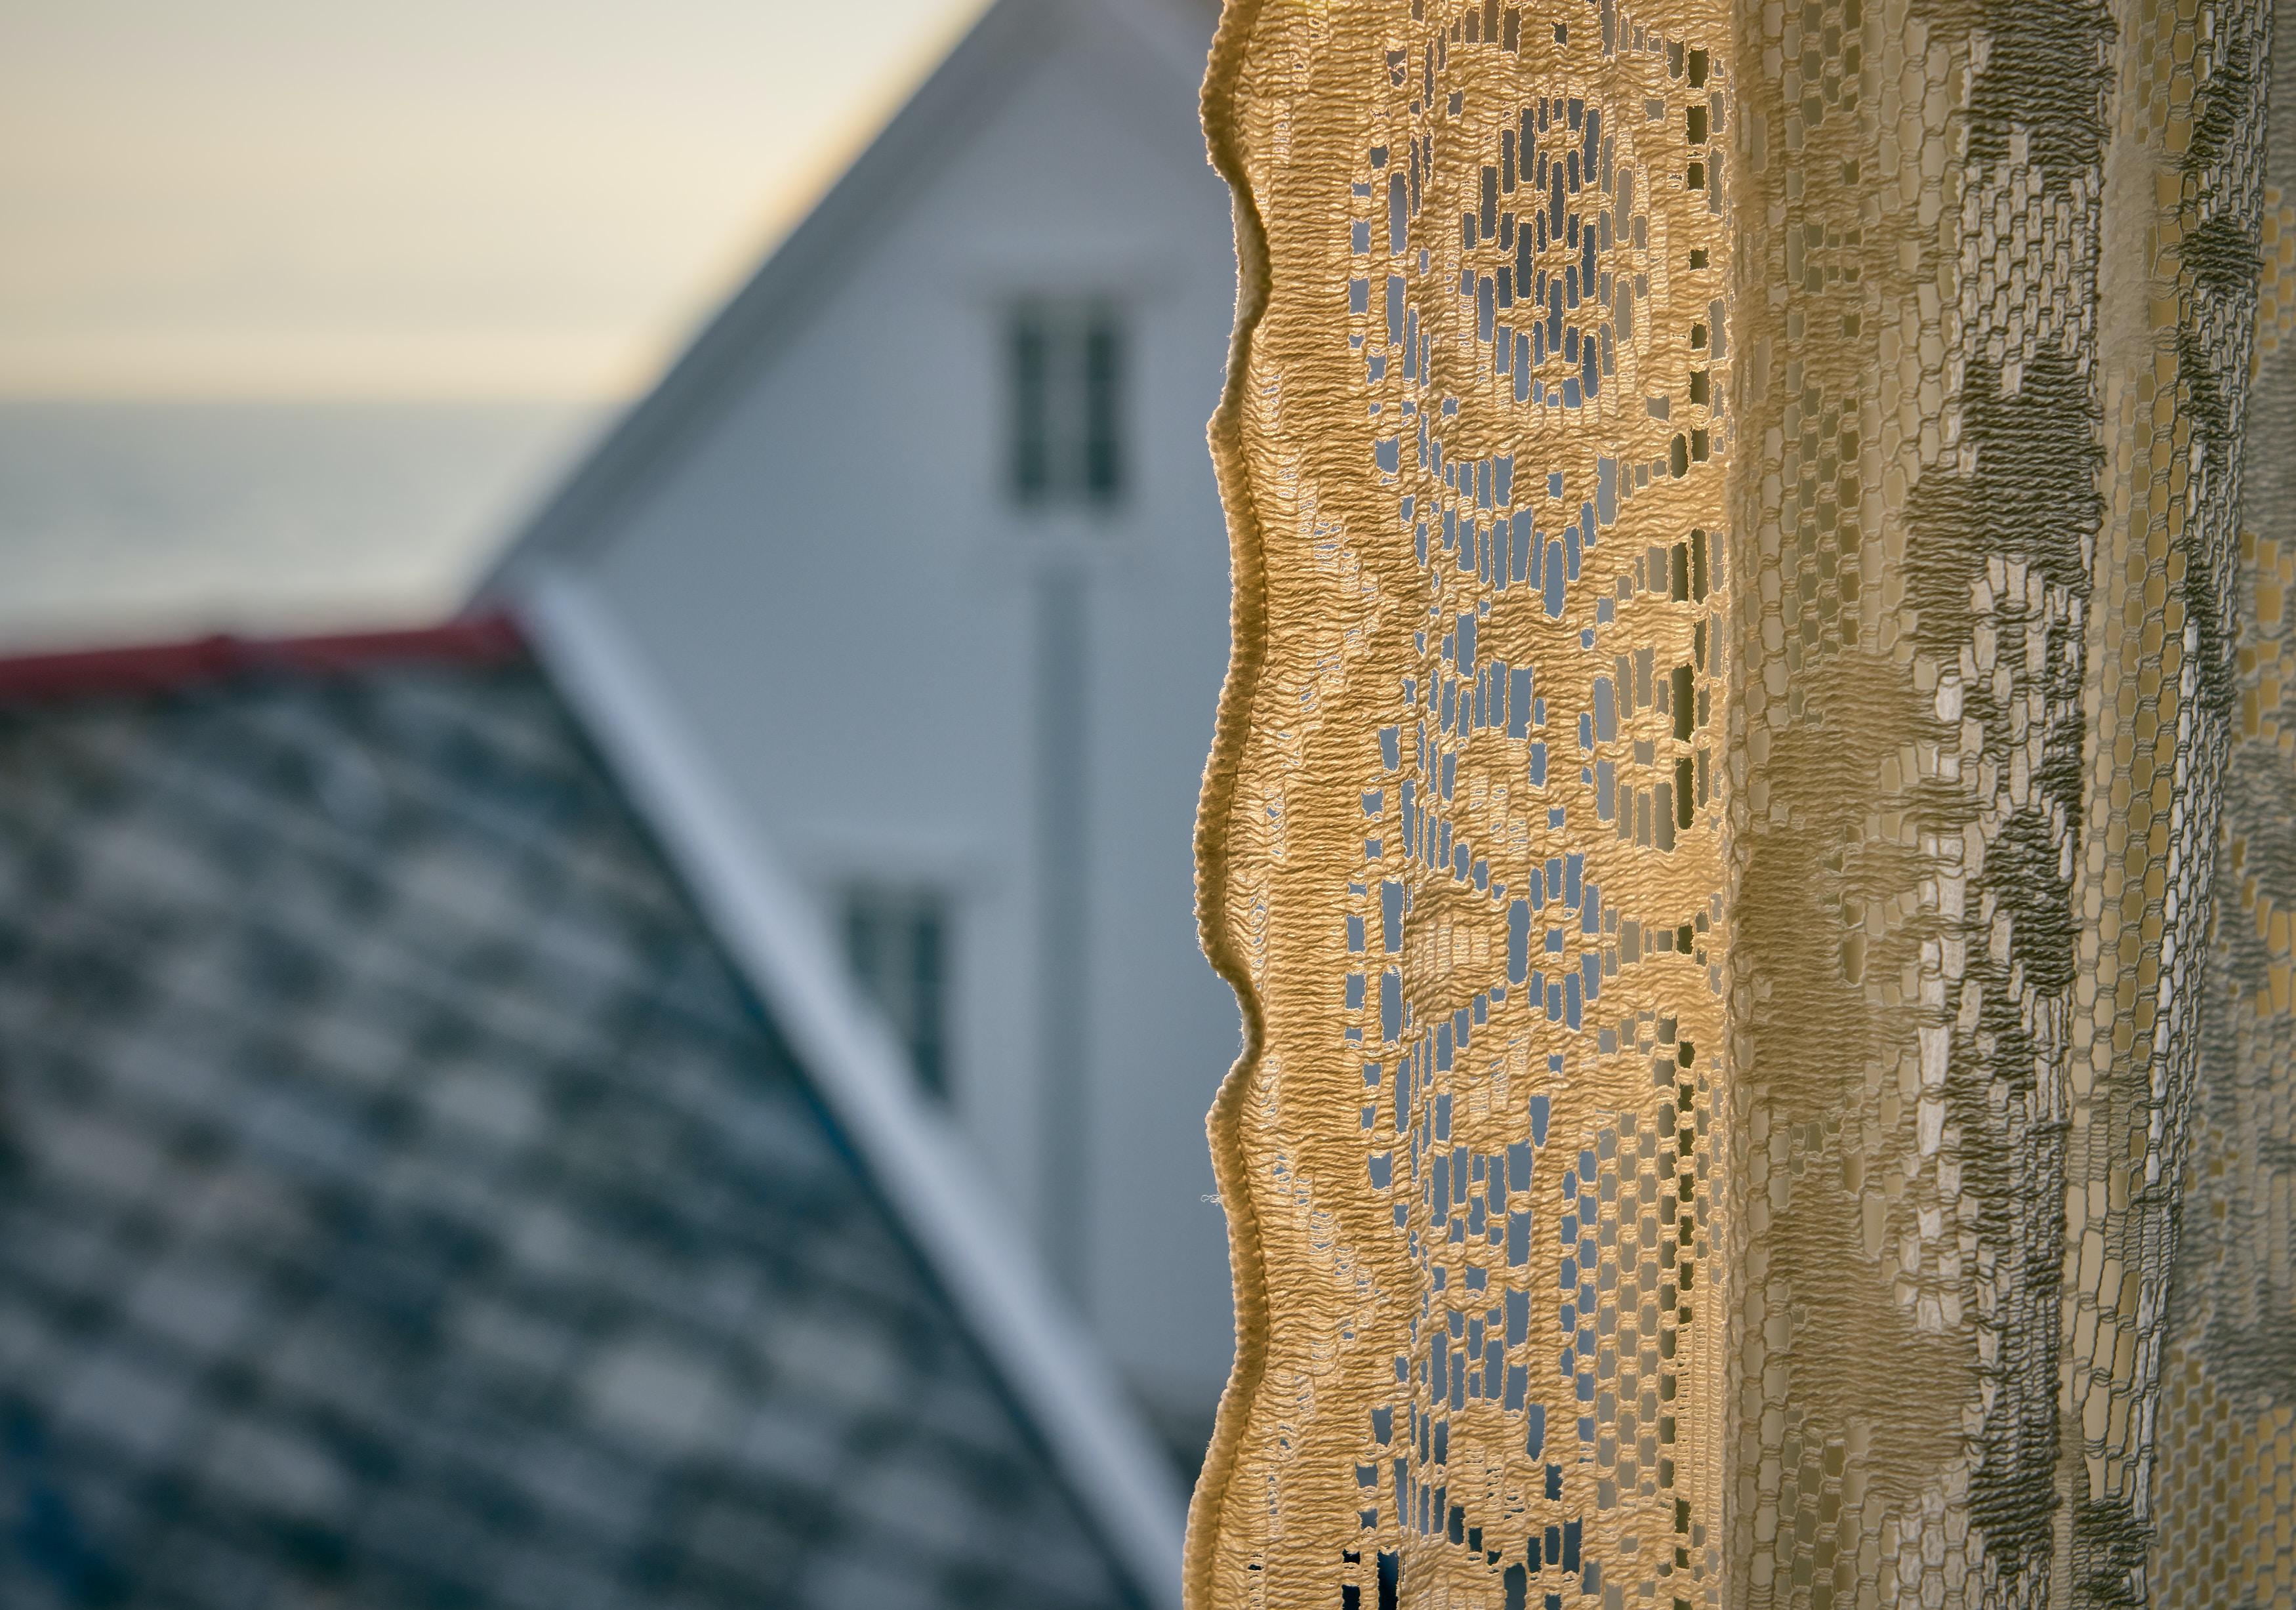 brown floral lace textile